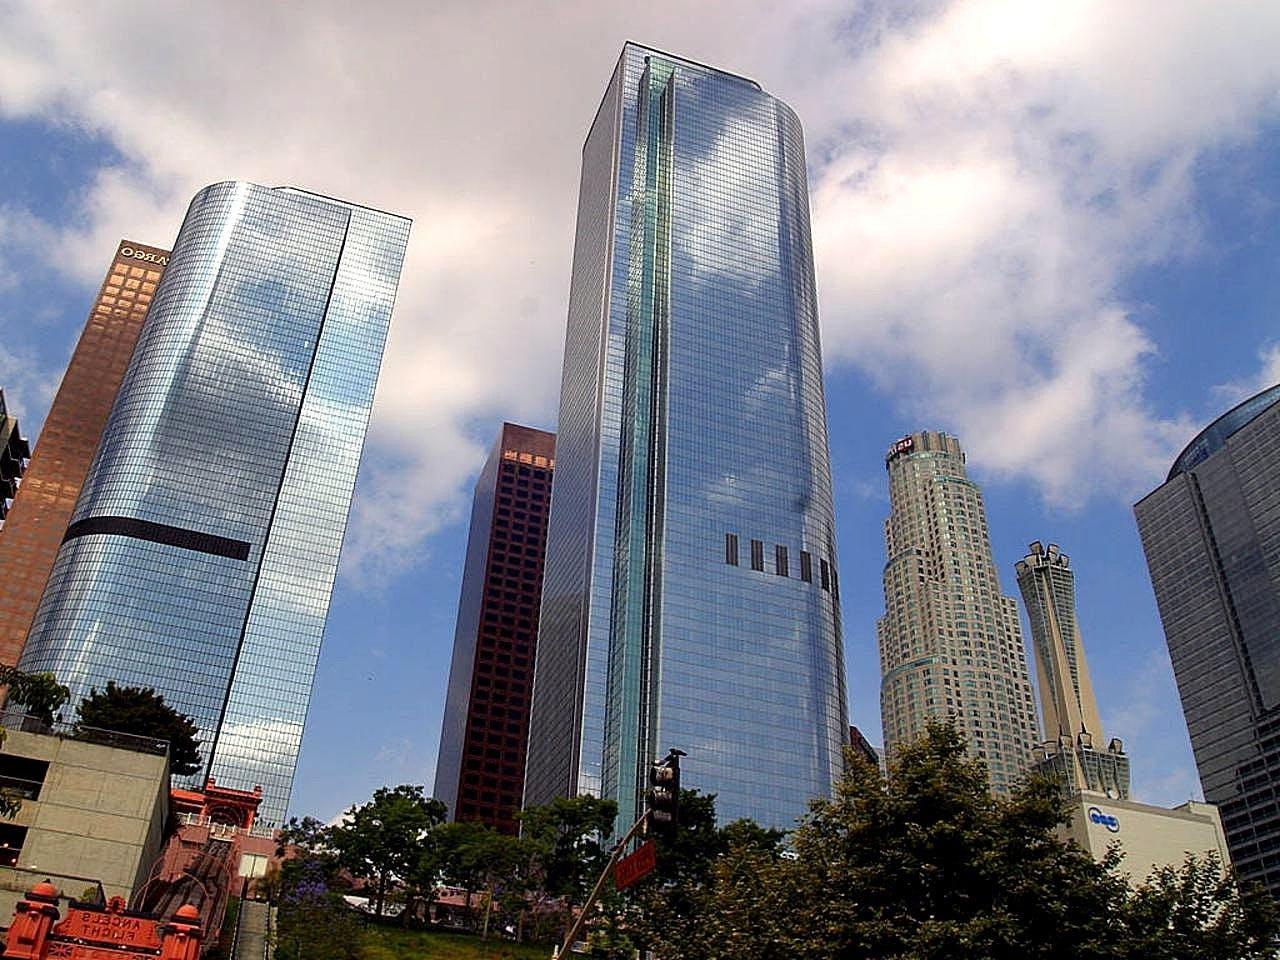 건물, 건물 외관, 건축, 기업의 무료 스톡 사진